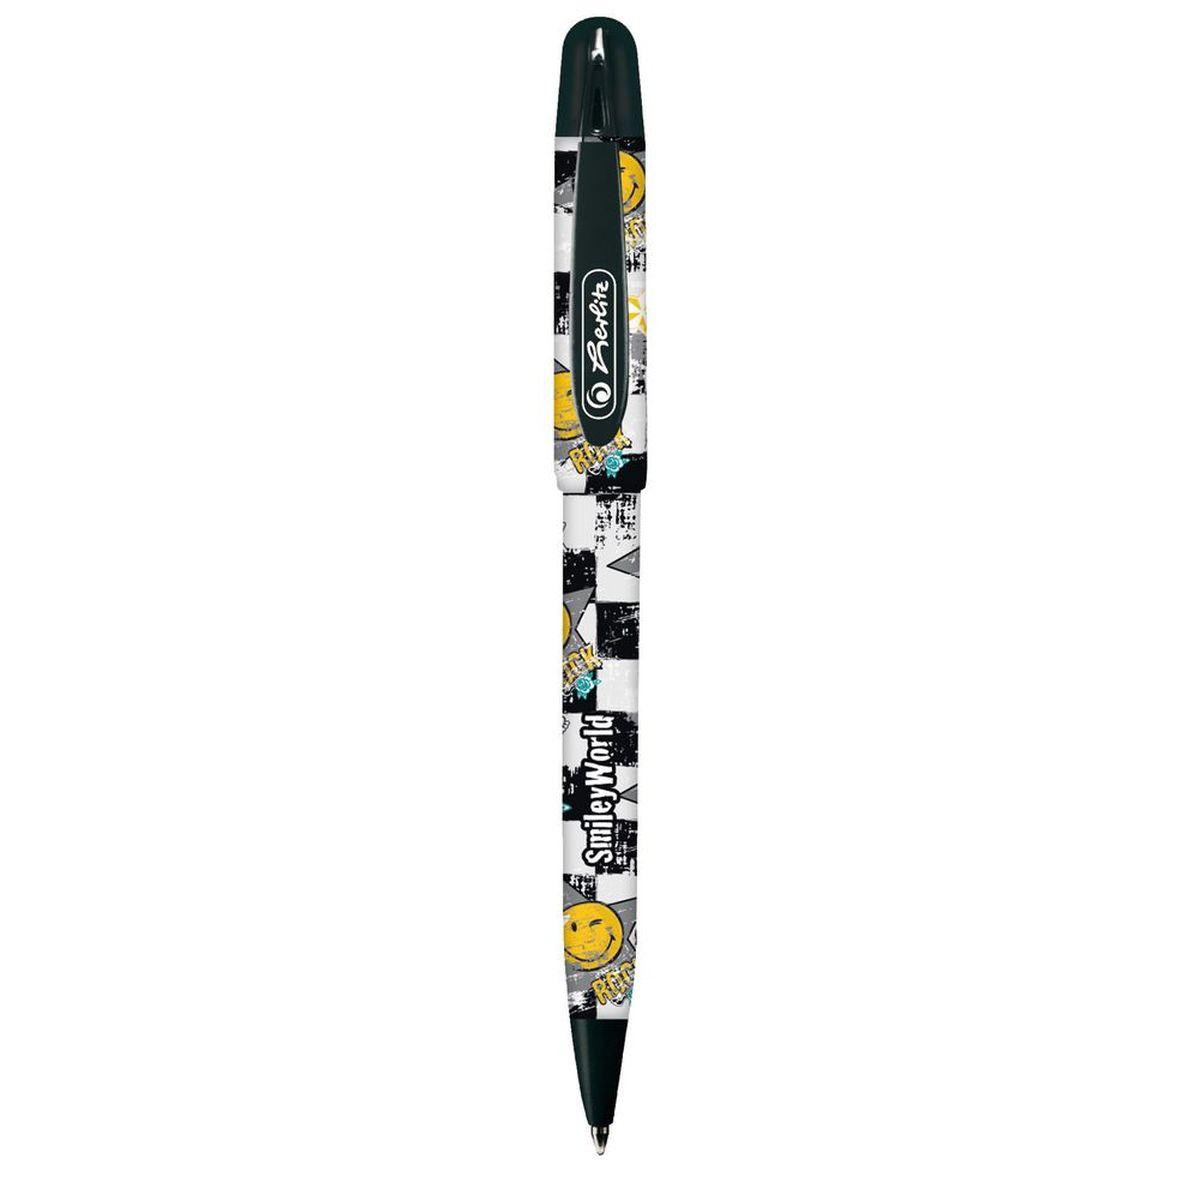 Herlitz Ручка шариковая Smiley World11234408Шариковая ручка Herlitz Smiley World в пластиковом корпусе станет незаменимыматрибутом любого школьника.Она долго пишет благодаря увеличенномузапасу чернил и возможности замены стержня.Цвет чернил: синий.